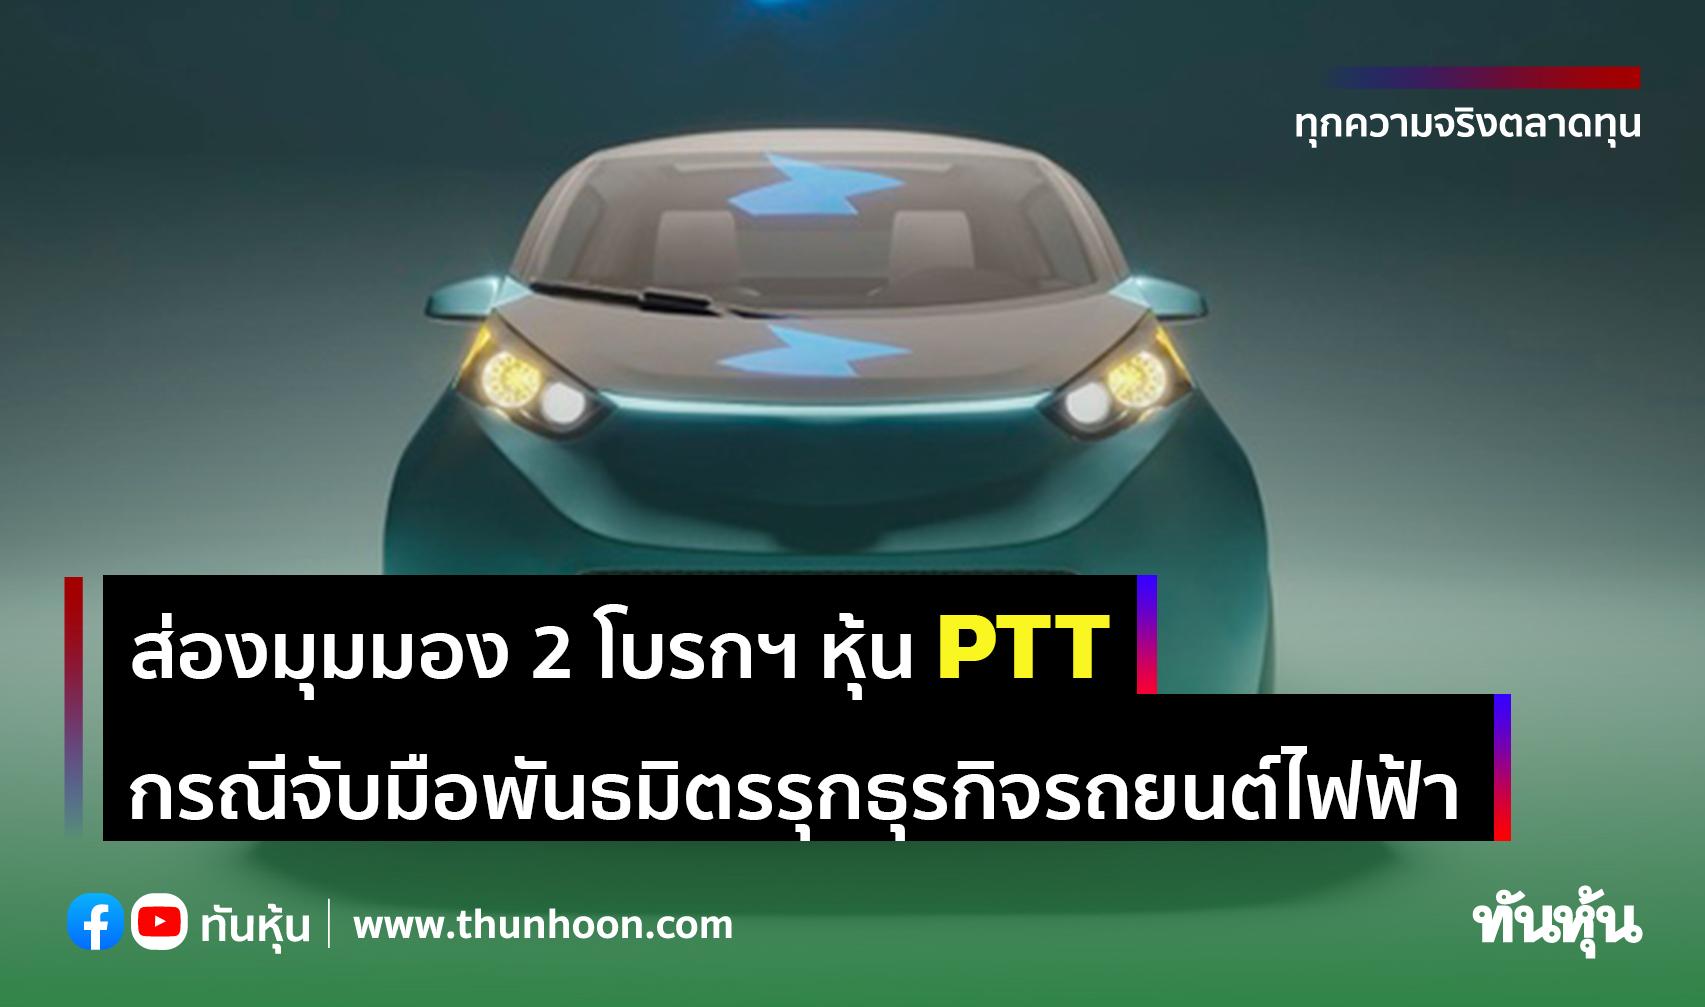 ส่องมุมมอง 2 โบรกฯ หุ้น PTT กรณีจับมือพันธมิตรรุกธุรกิจรถยนต์ไฟฟ้า